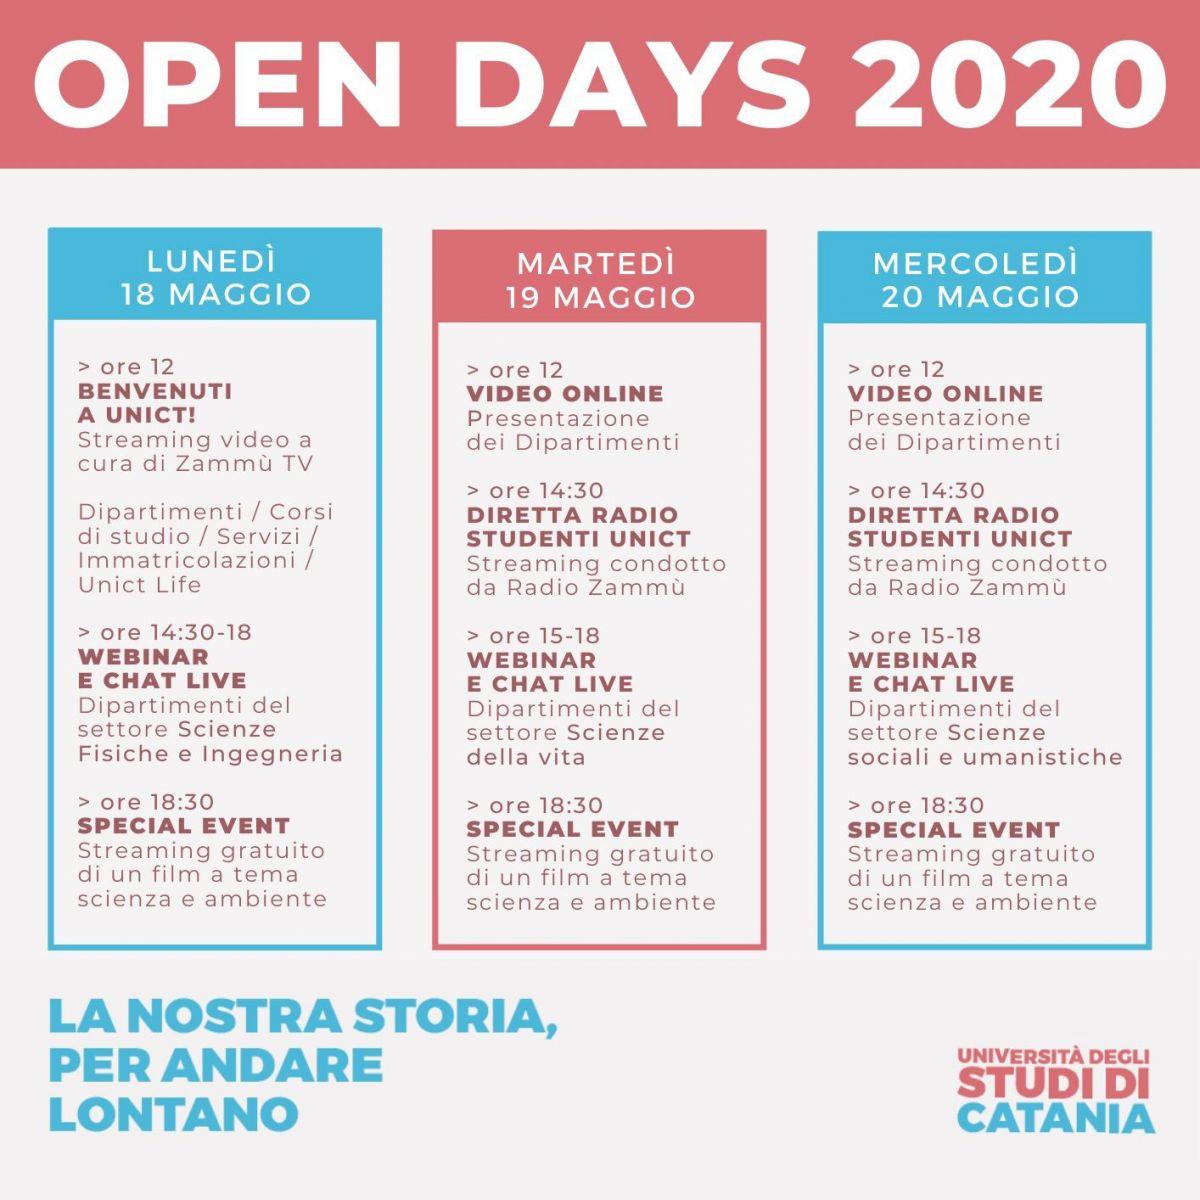 programma preliminare open days 2020